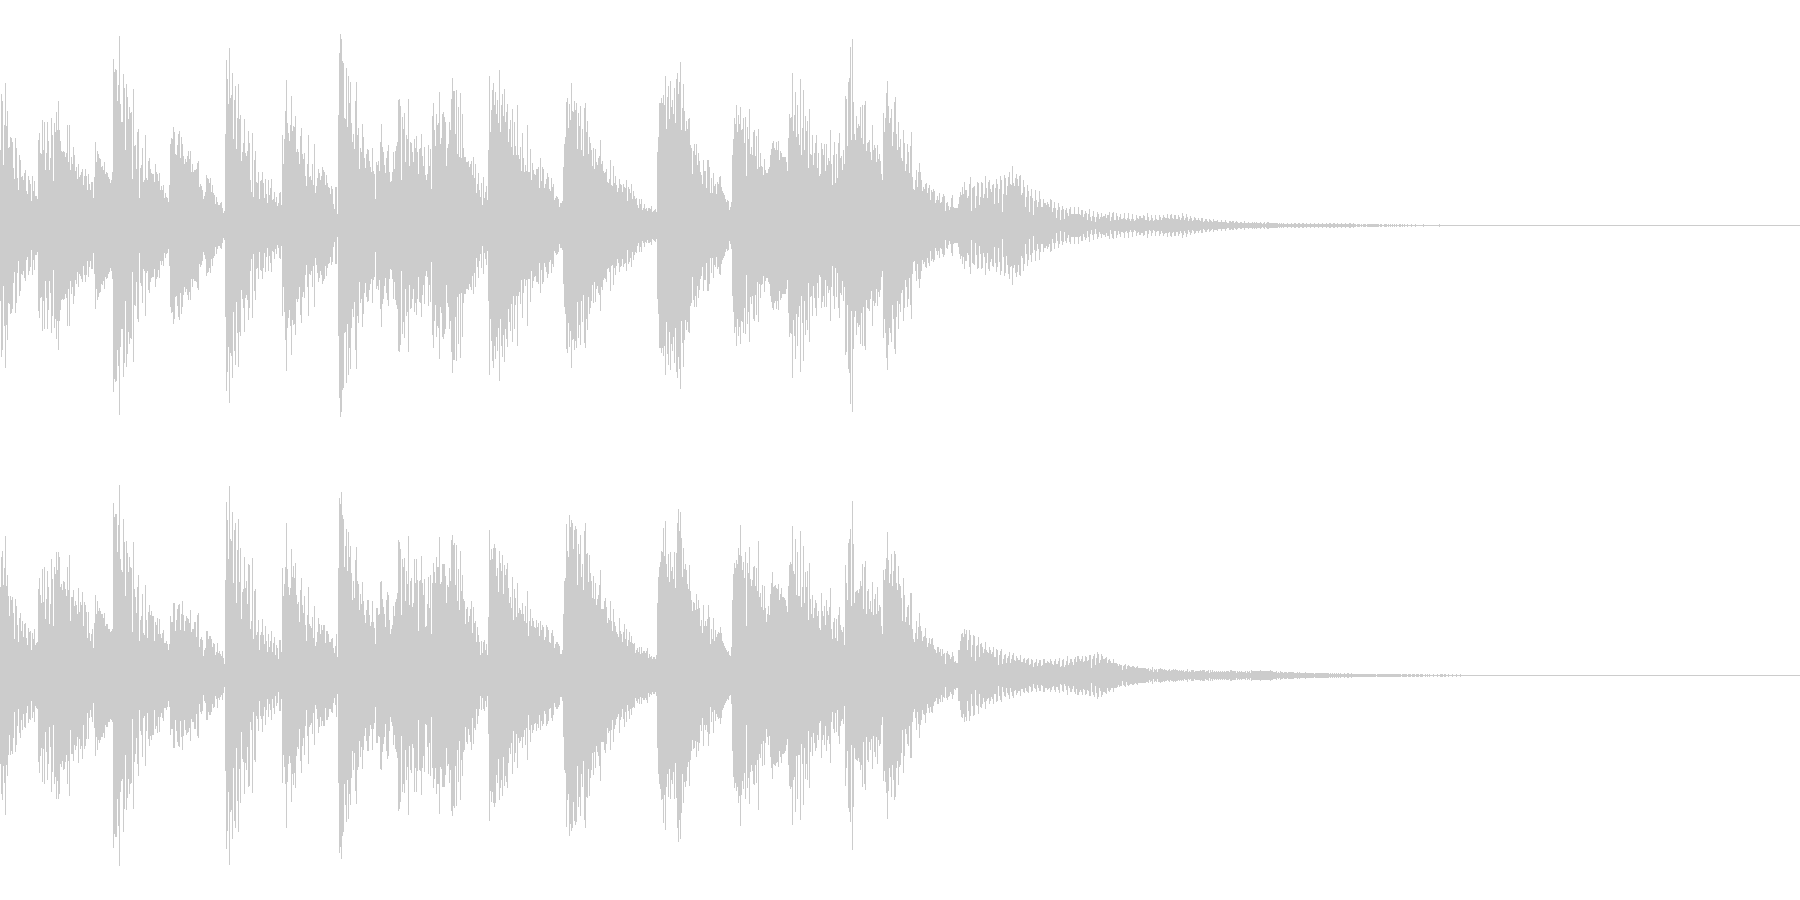 オーソドックスなジャズのエンディング素材の未再生の波形